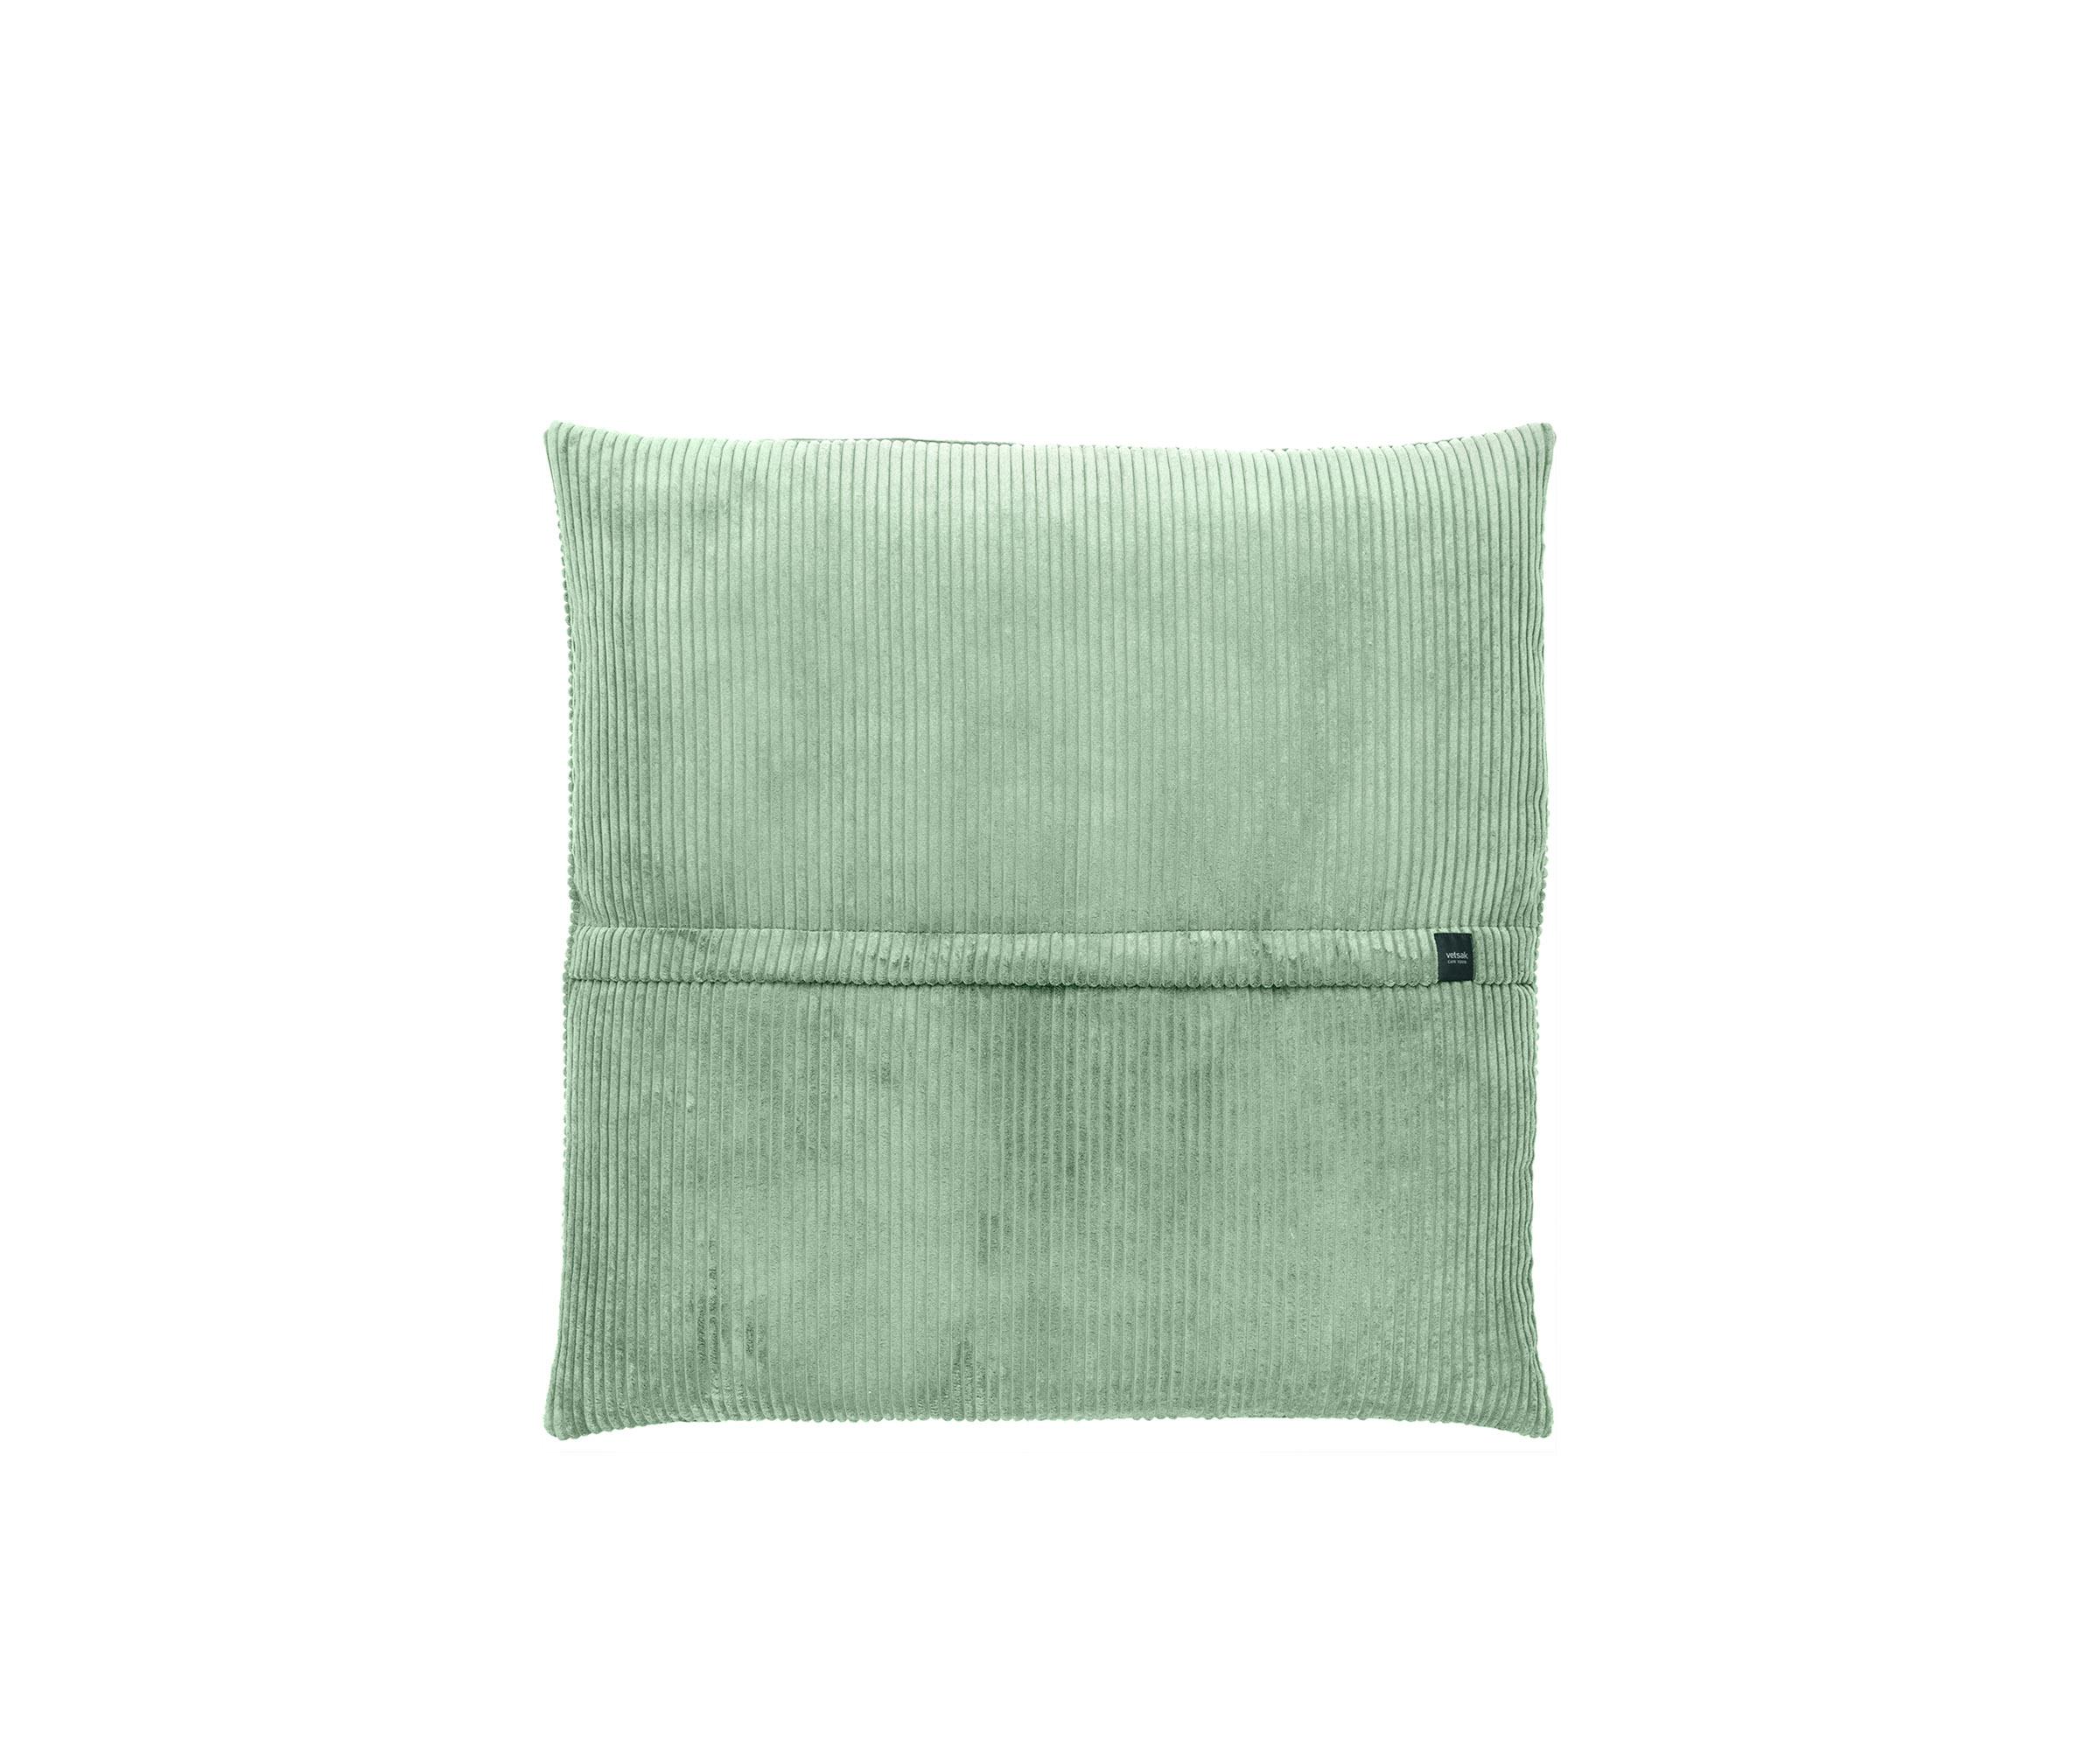 vetsak - big oder jumbo pillow cord